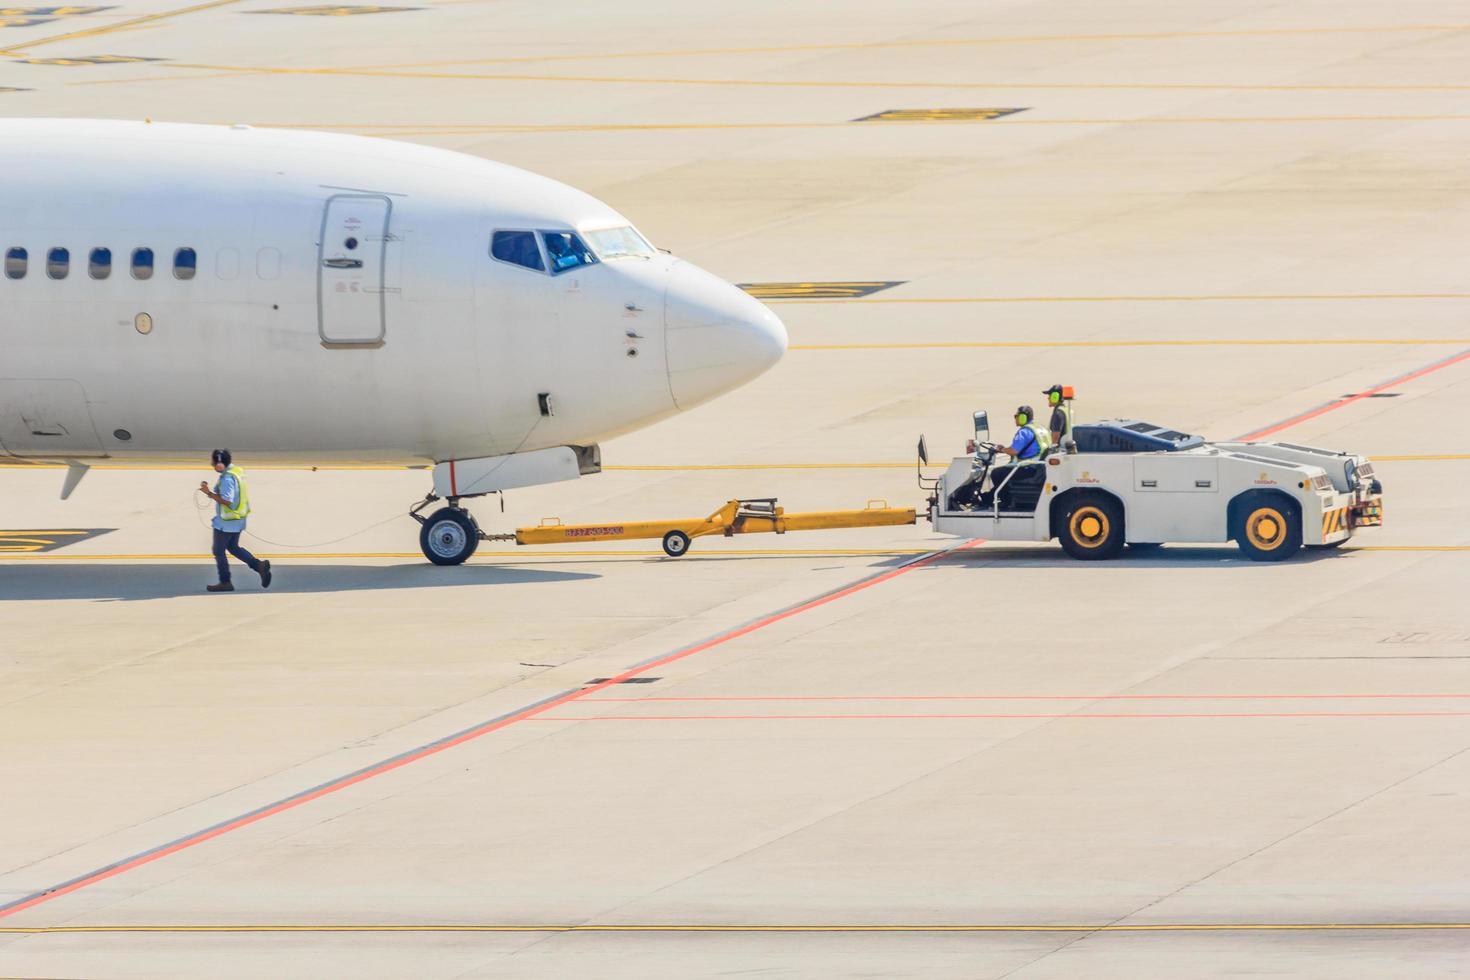 Avion de remorquage de remorquage d'avion sur la piste photo